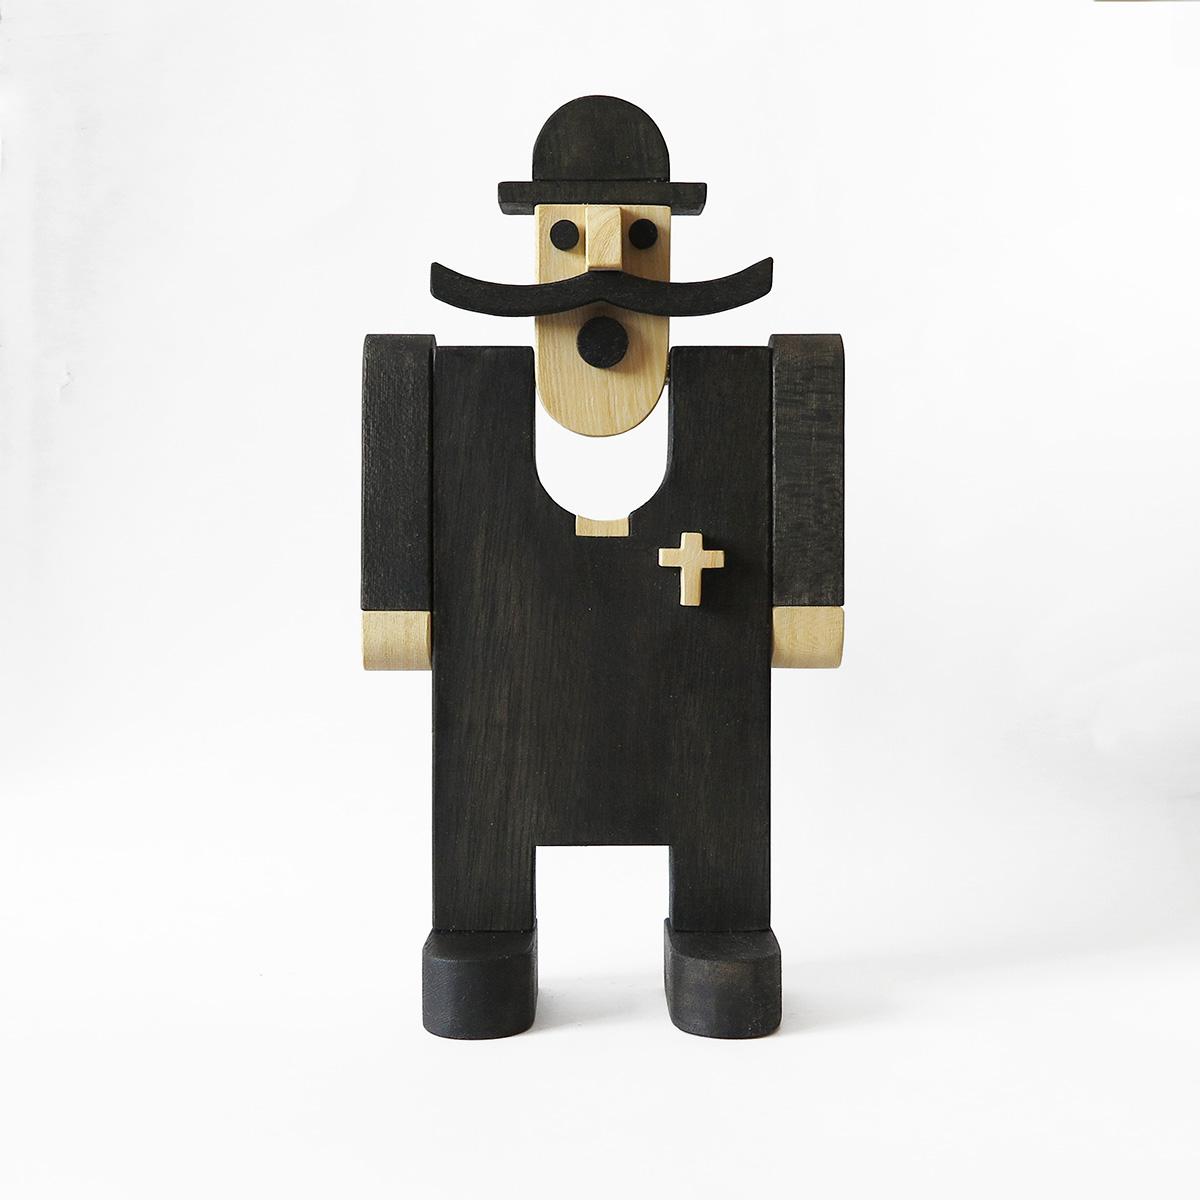 depero-futurismo-giocattolo-prete-legno-wood-toy-design